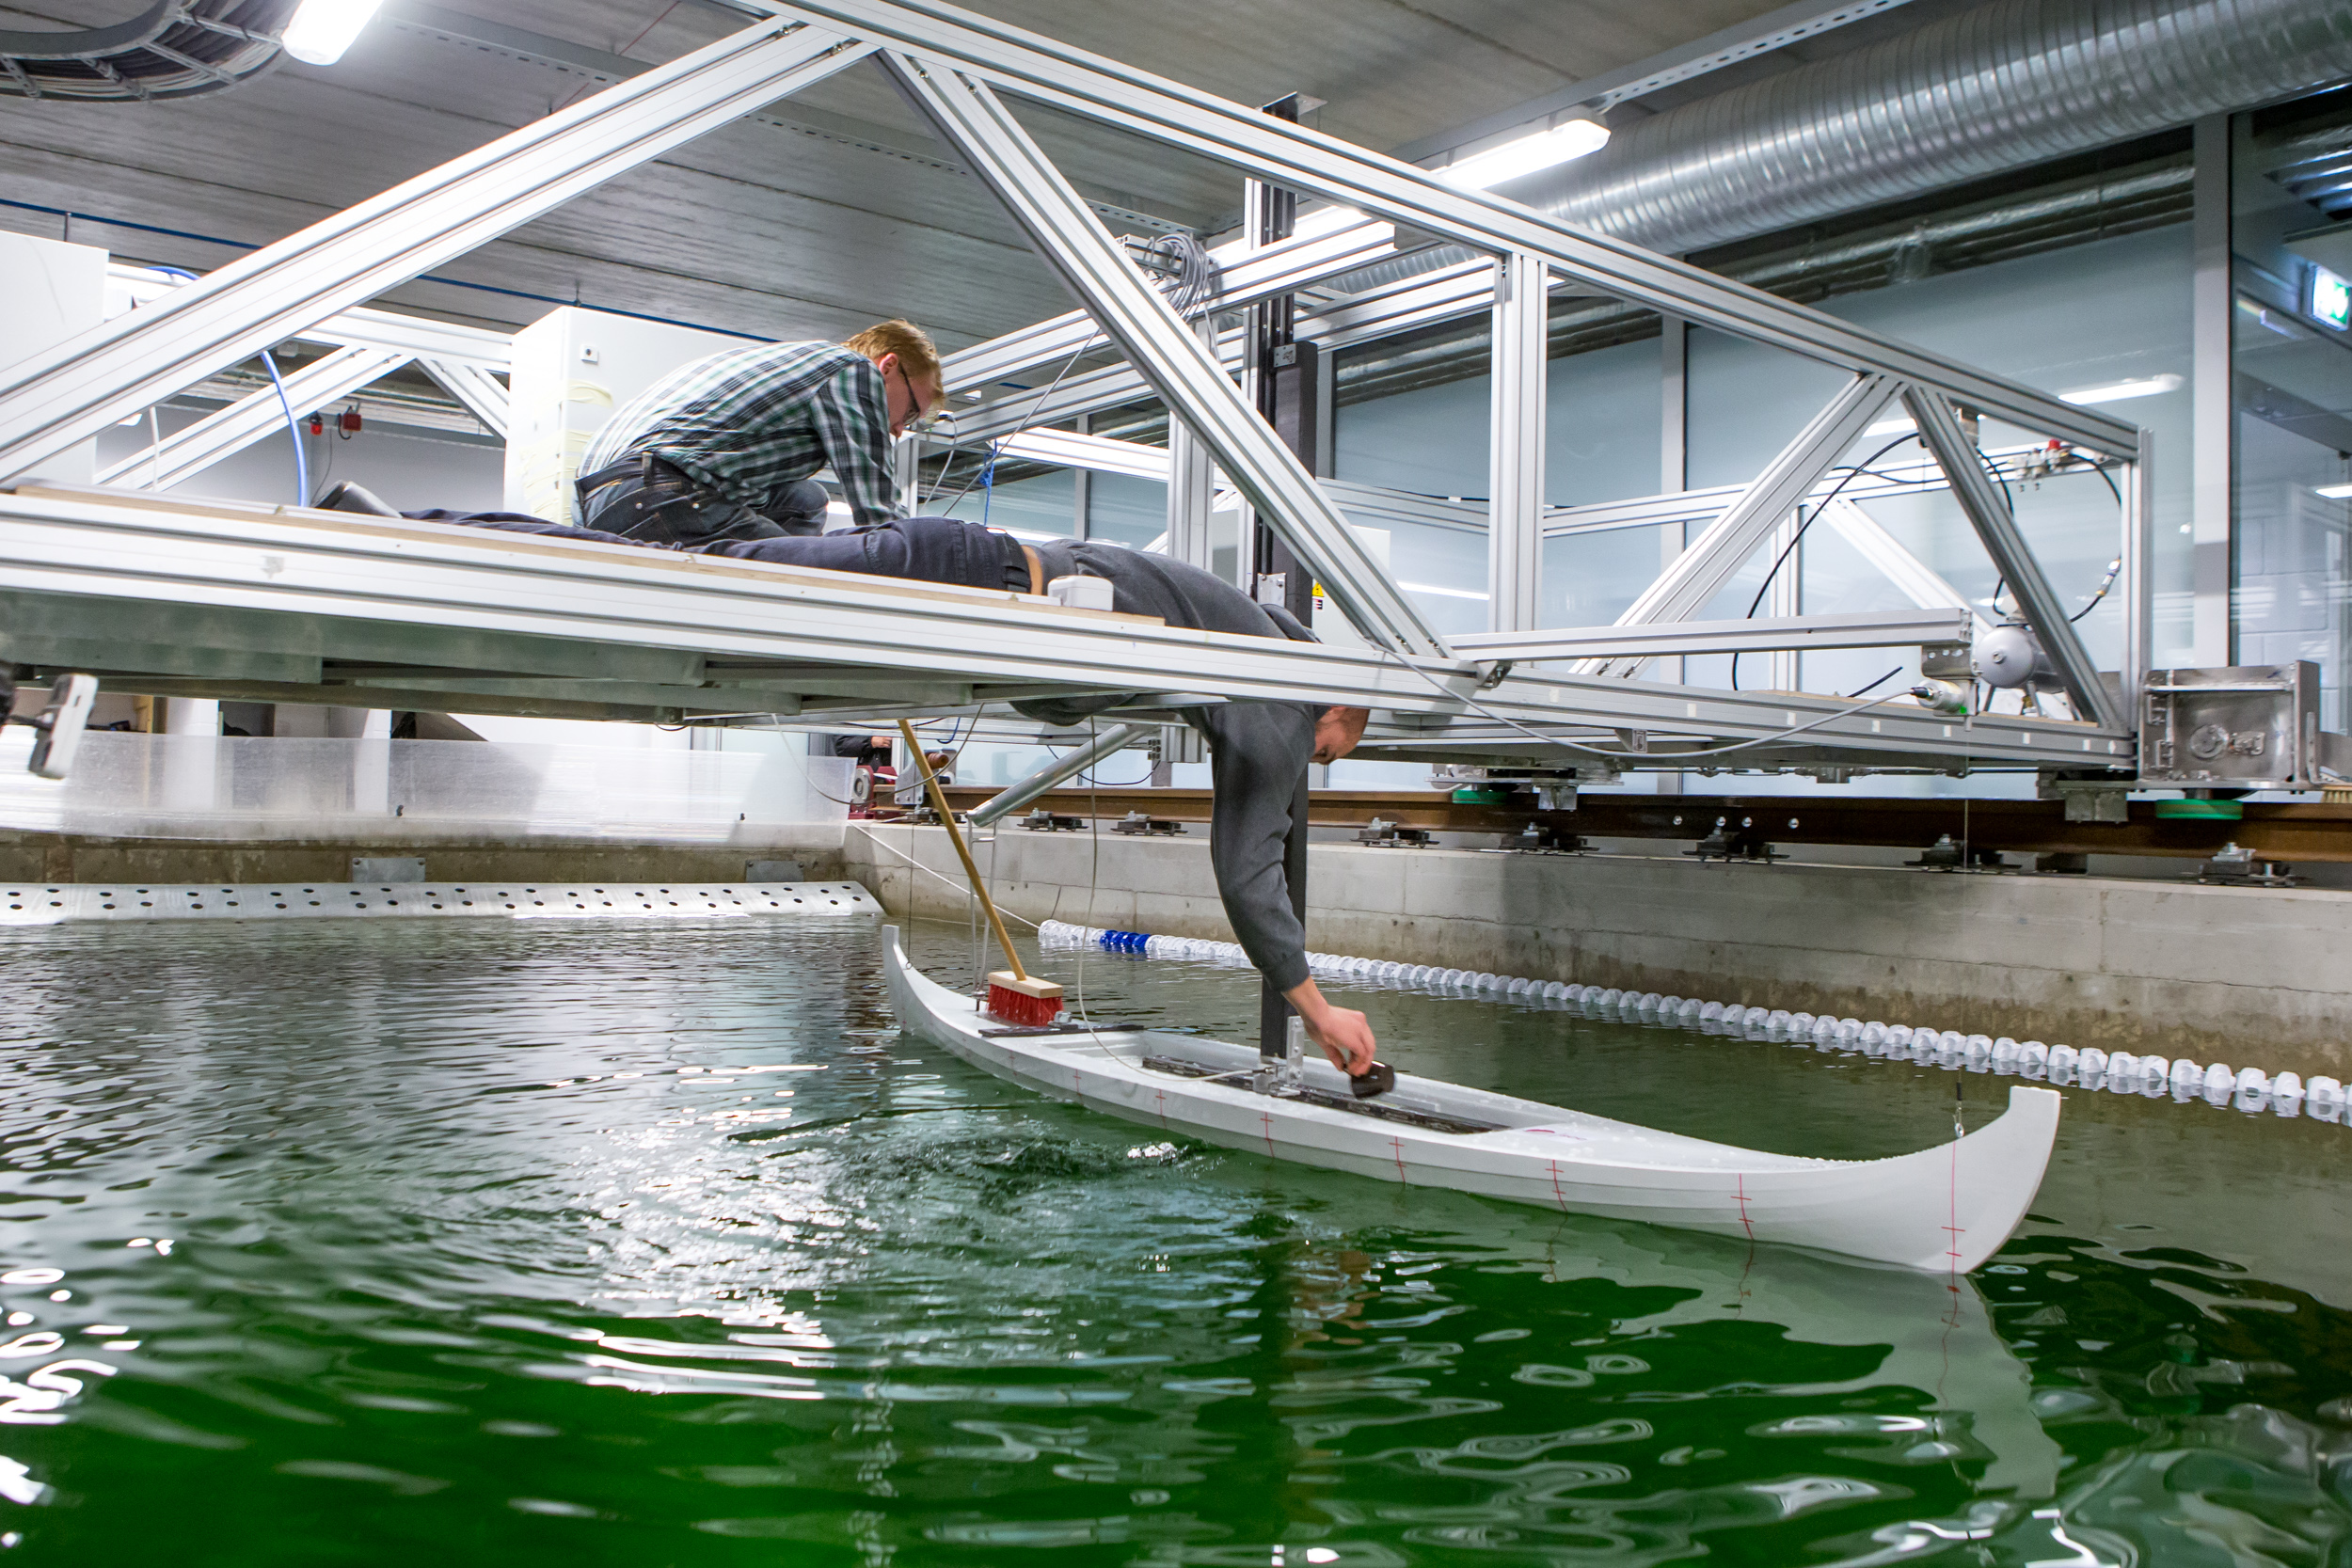 Teadlaste Öö raames katsetati TTÜ Kuressaare kolledži väikelaevaehituse kompetentsikeskuses eile õhtul Salme viikingilaeva kolme meetri pikkust mudelit. Laevamudelisse kogunes esimesel sõidul hulk vett ja nii tuli seda enne teist katset […]